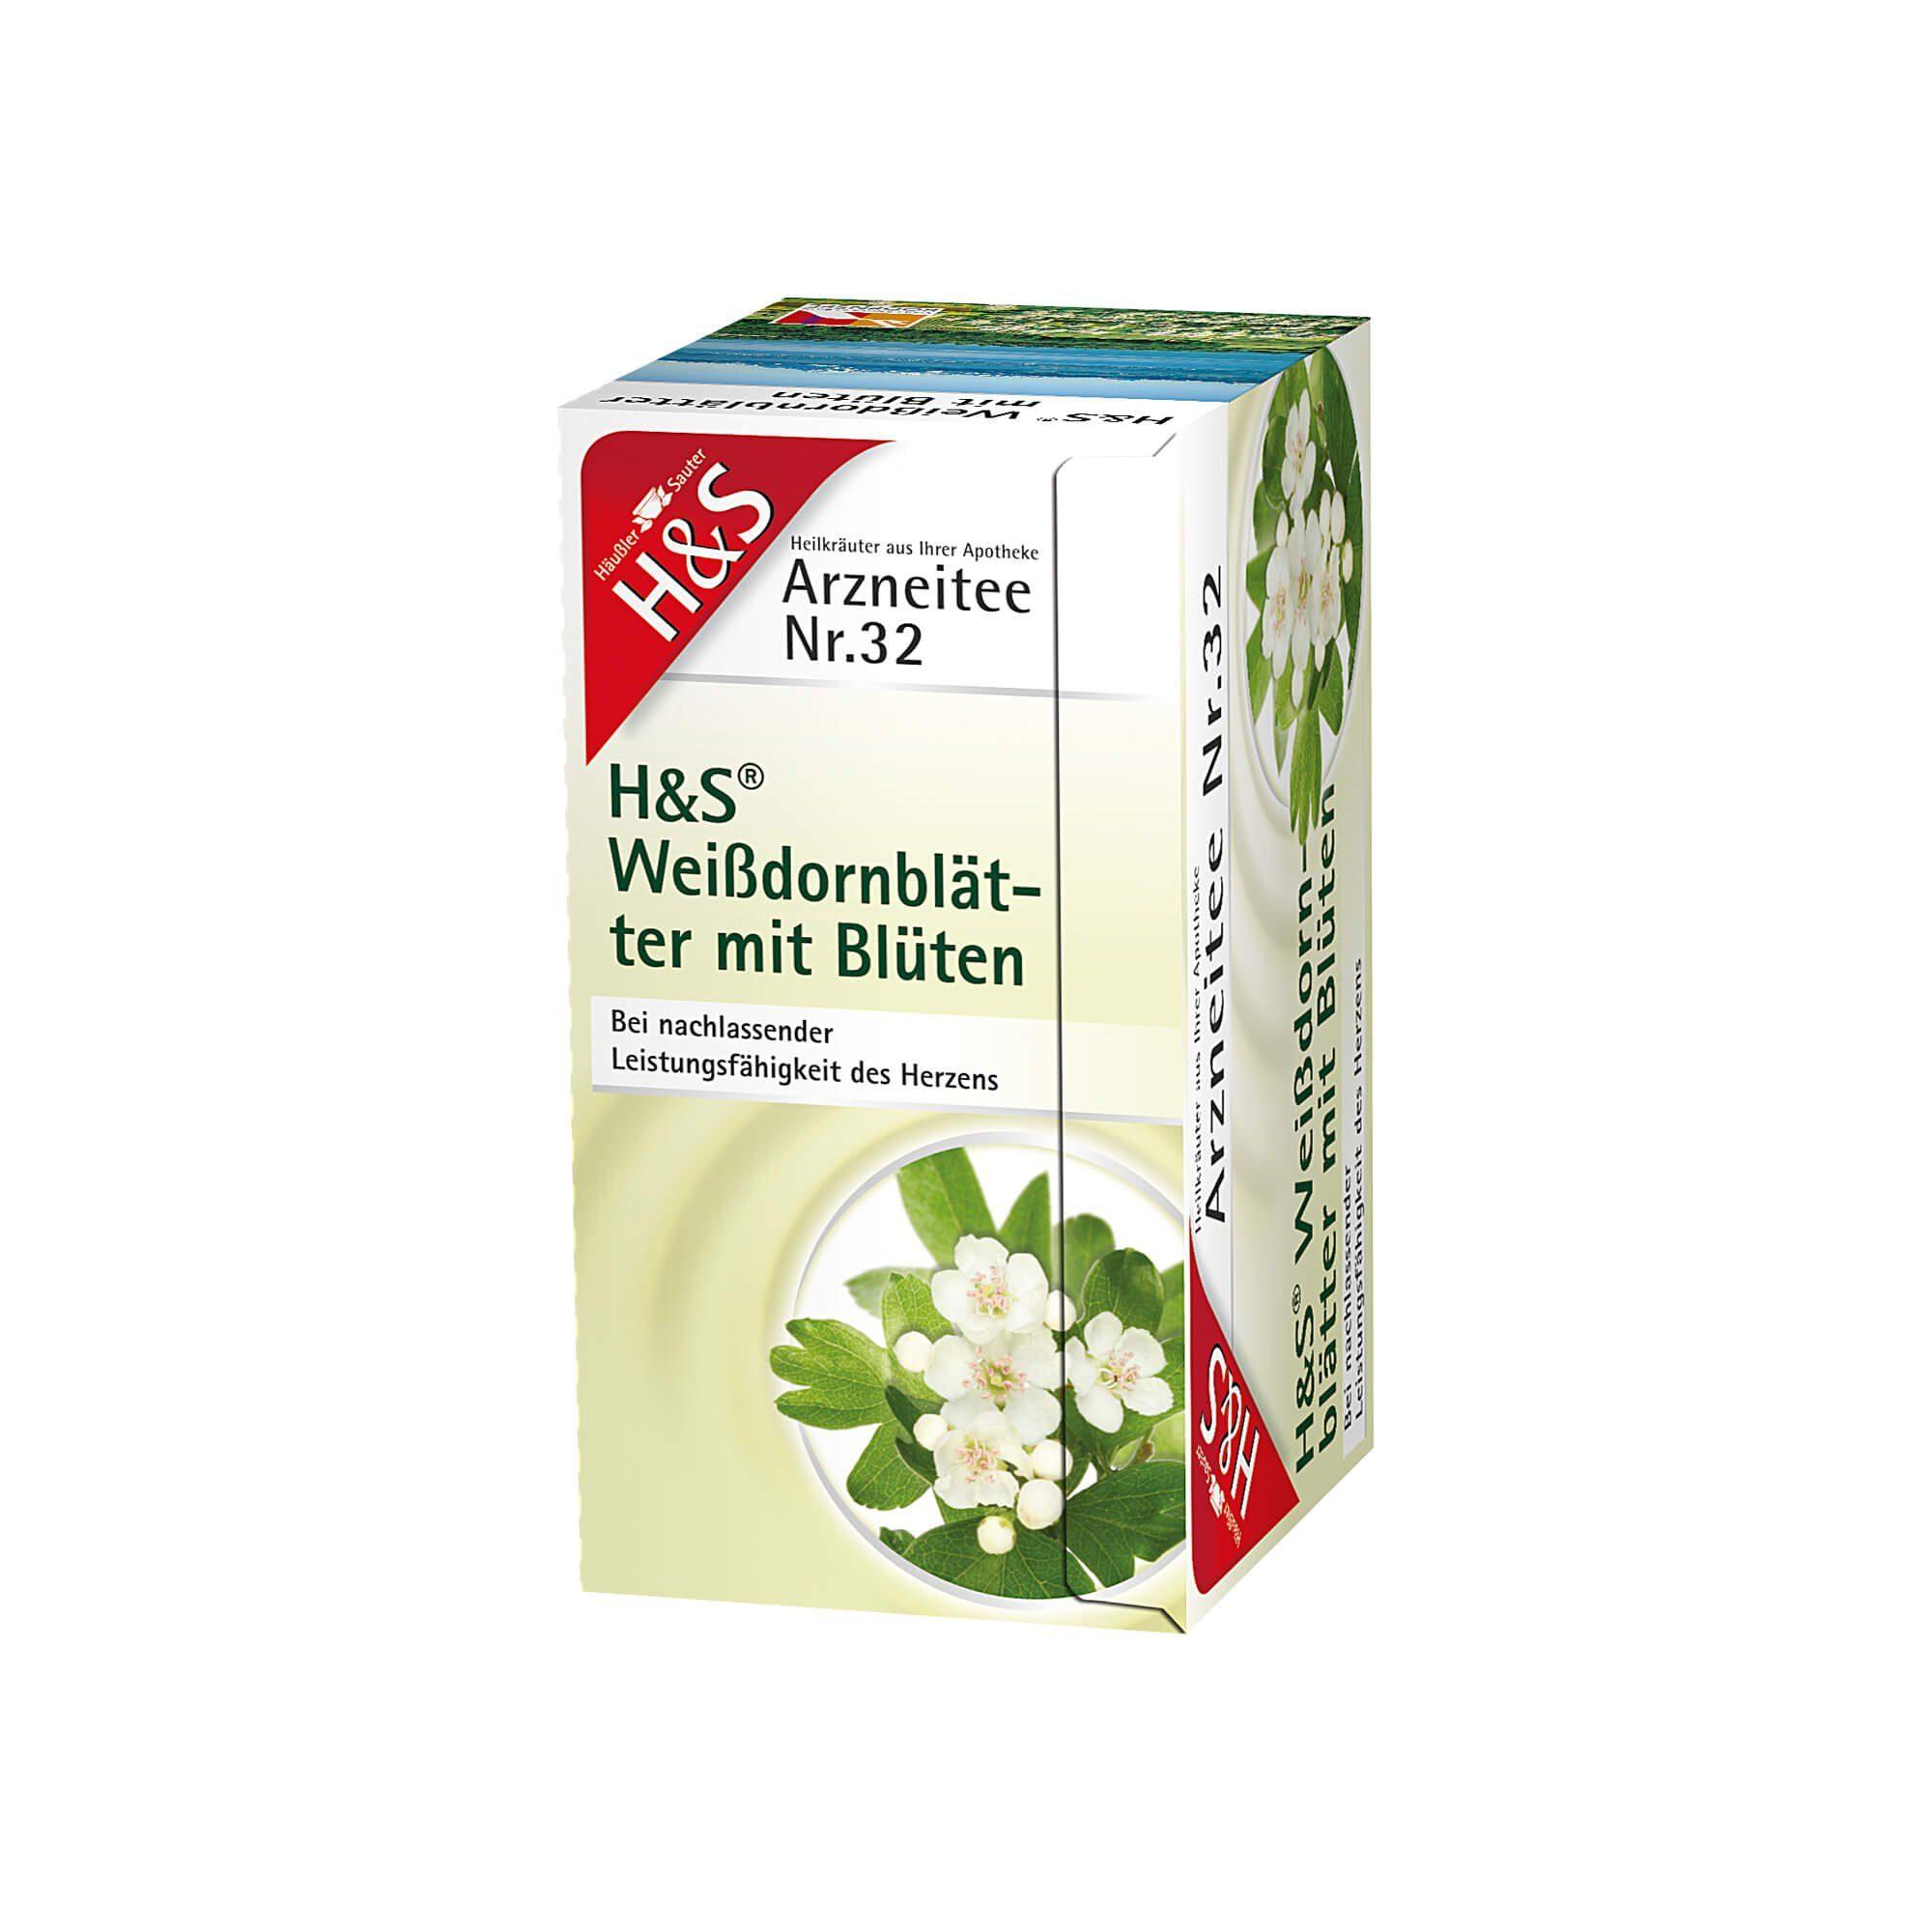 H&S Weißdornblätter mit Blüten , 20 St